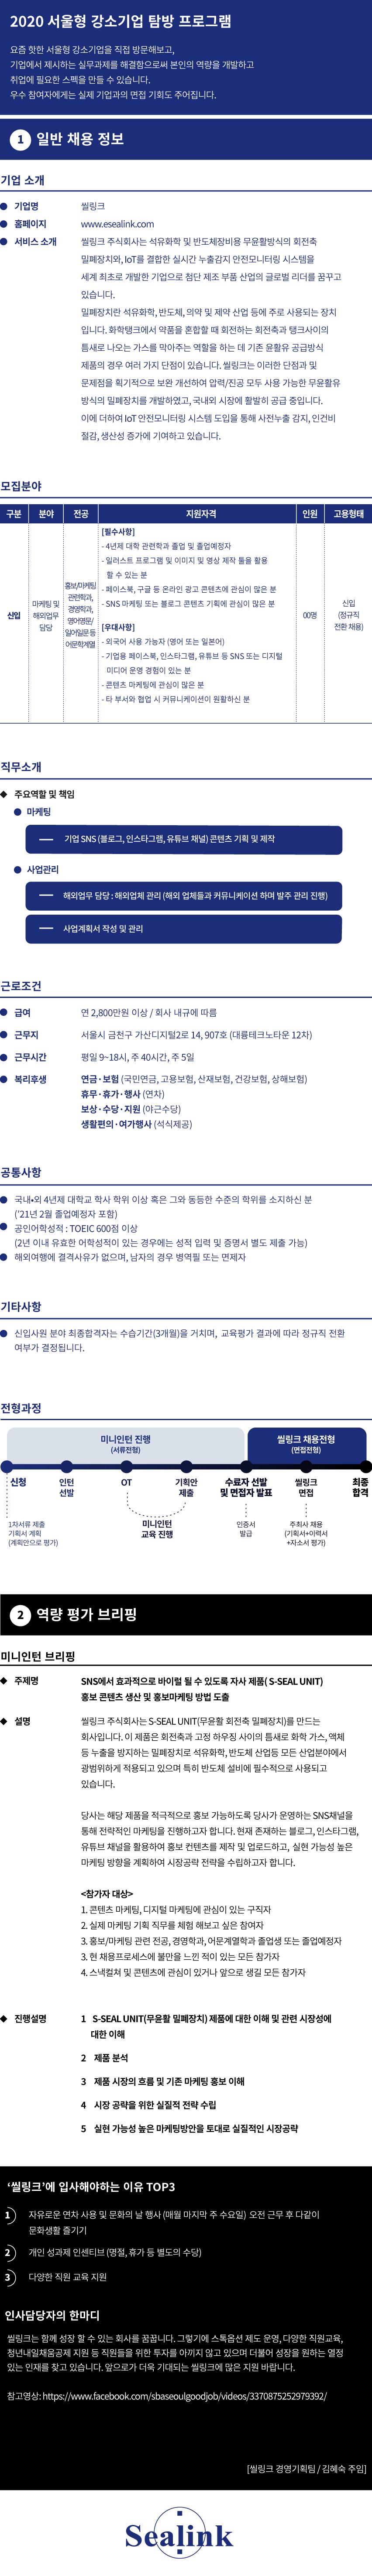 미니인턴_채용형-씰링크.png